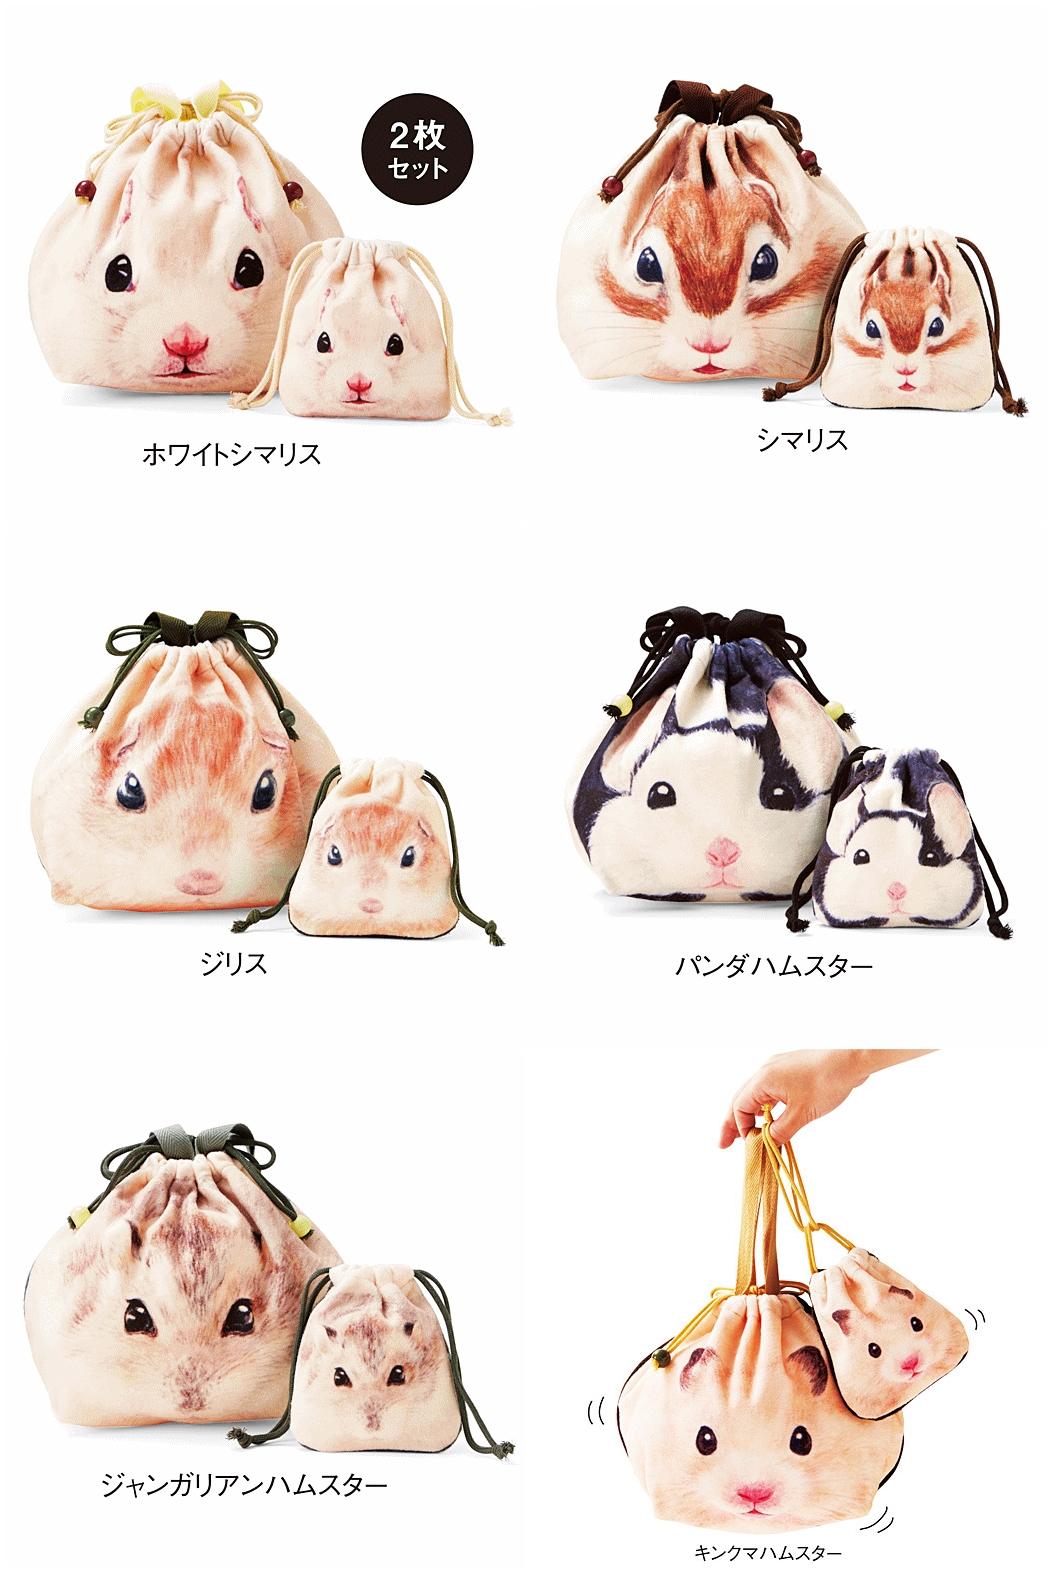 好萌好近的鼠鼠們…是超實用的束口袋喔,大小各一為一組也太划算♬(各2,106 日圓)